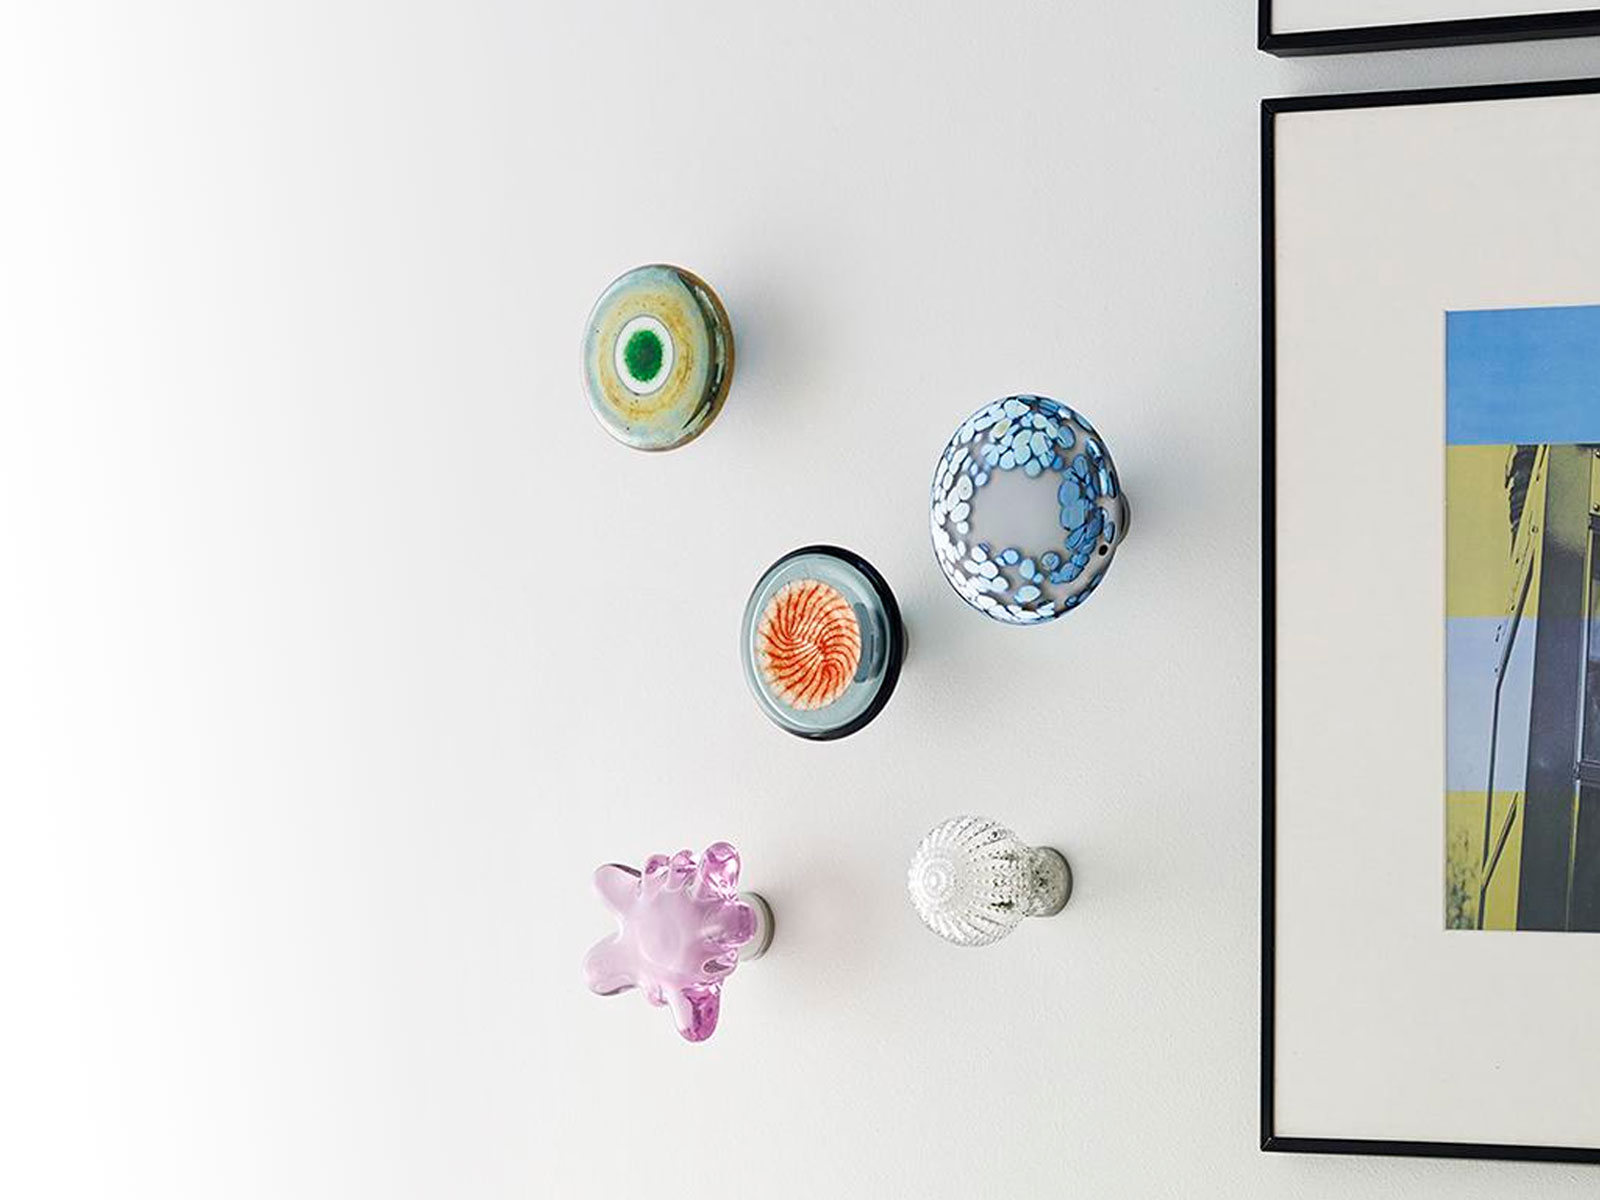 Iittala stelt met Aarre schitterende wandsieraden voor